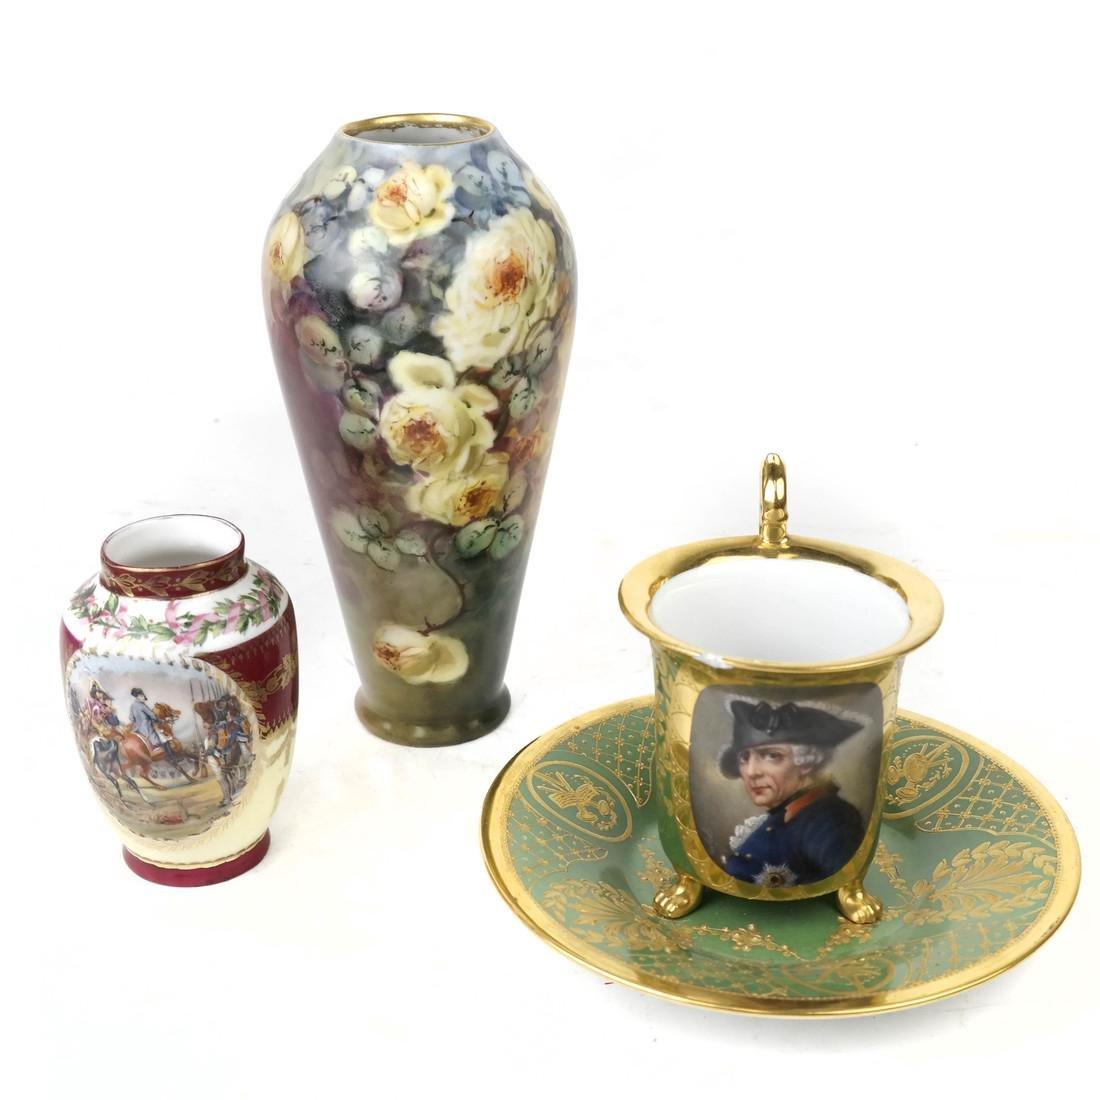 Four-Piece Dresden, Sevres Porcelain Group